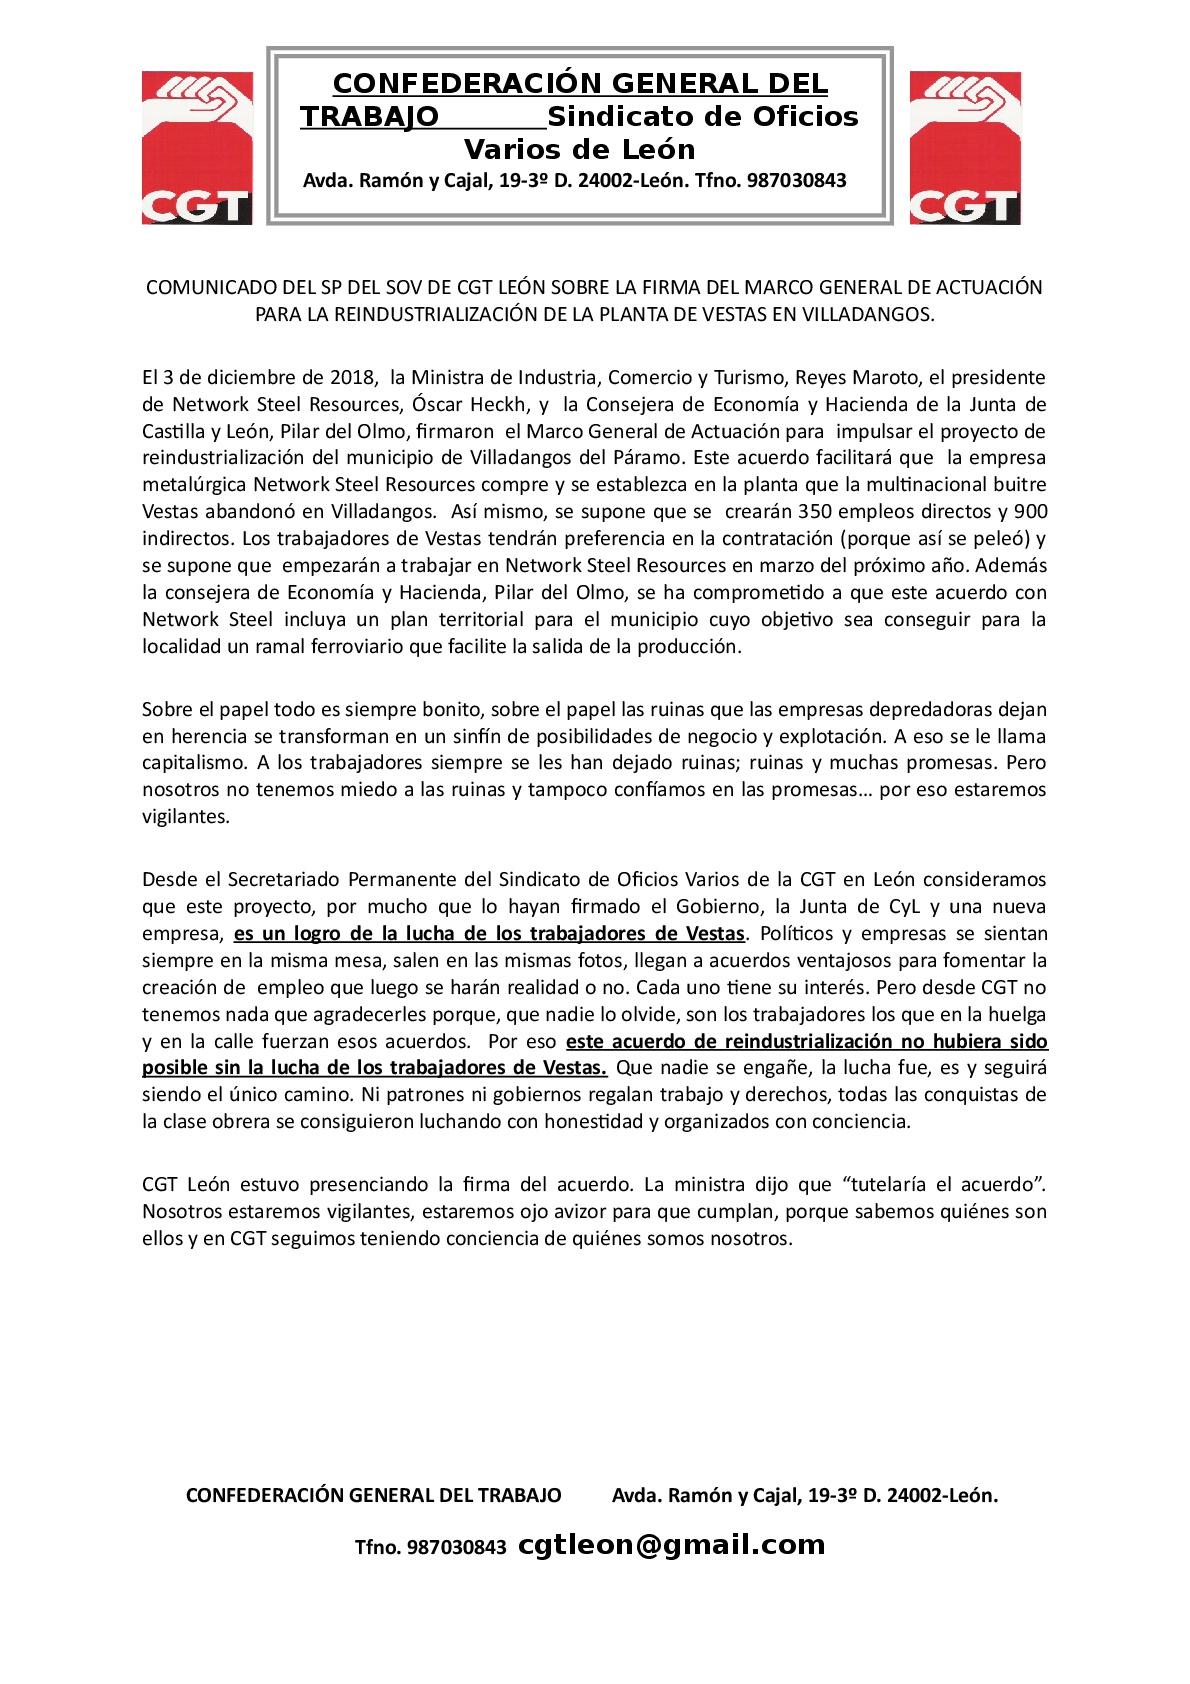 COMUNICADO DEL SP DEL SOV DE CGT EN LEÓN SOBRE ACUERDO DE REINDUSTRIALIZACIÓN DE LA PLANTA DE VESTAS EN VILLADANGOS-001